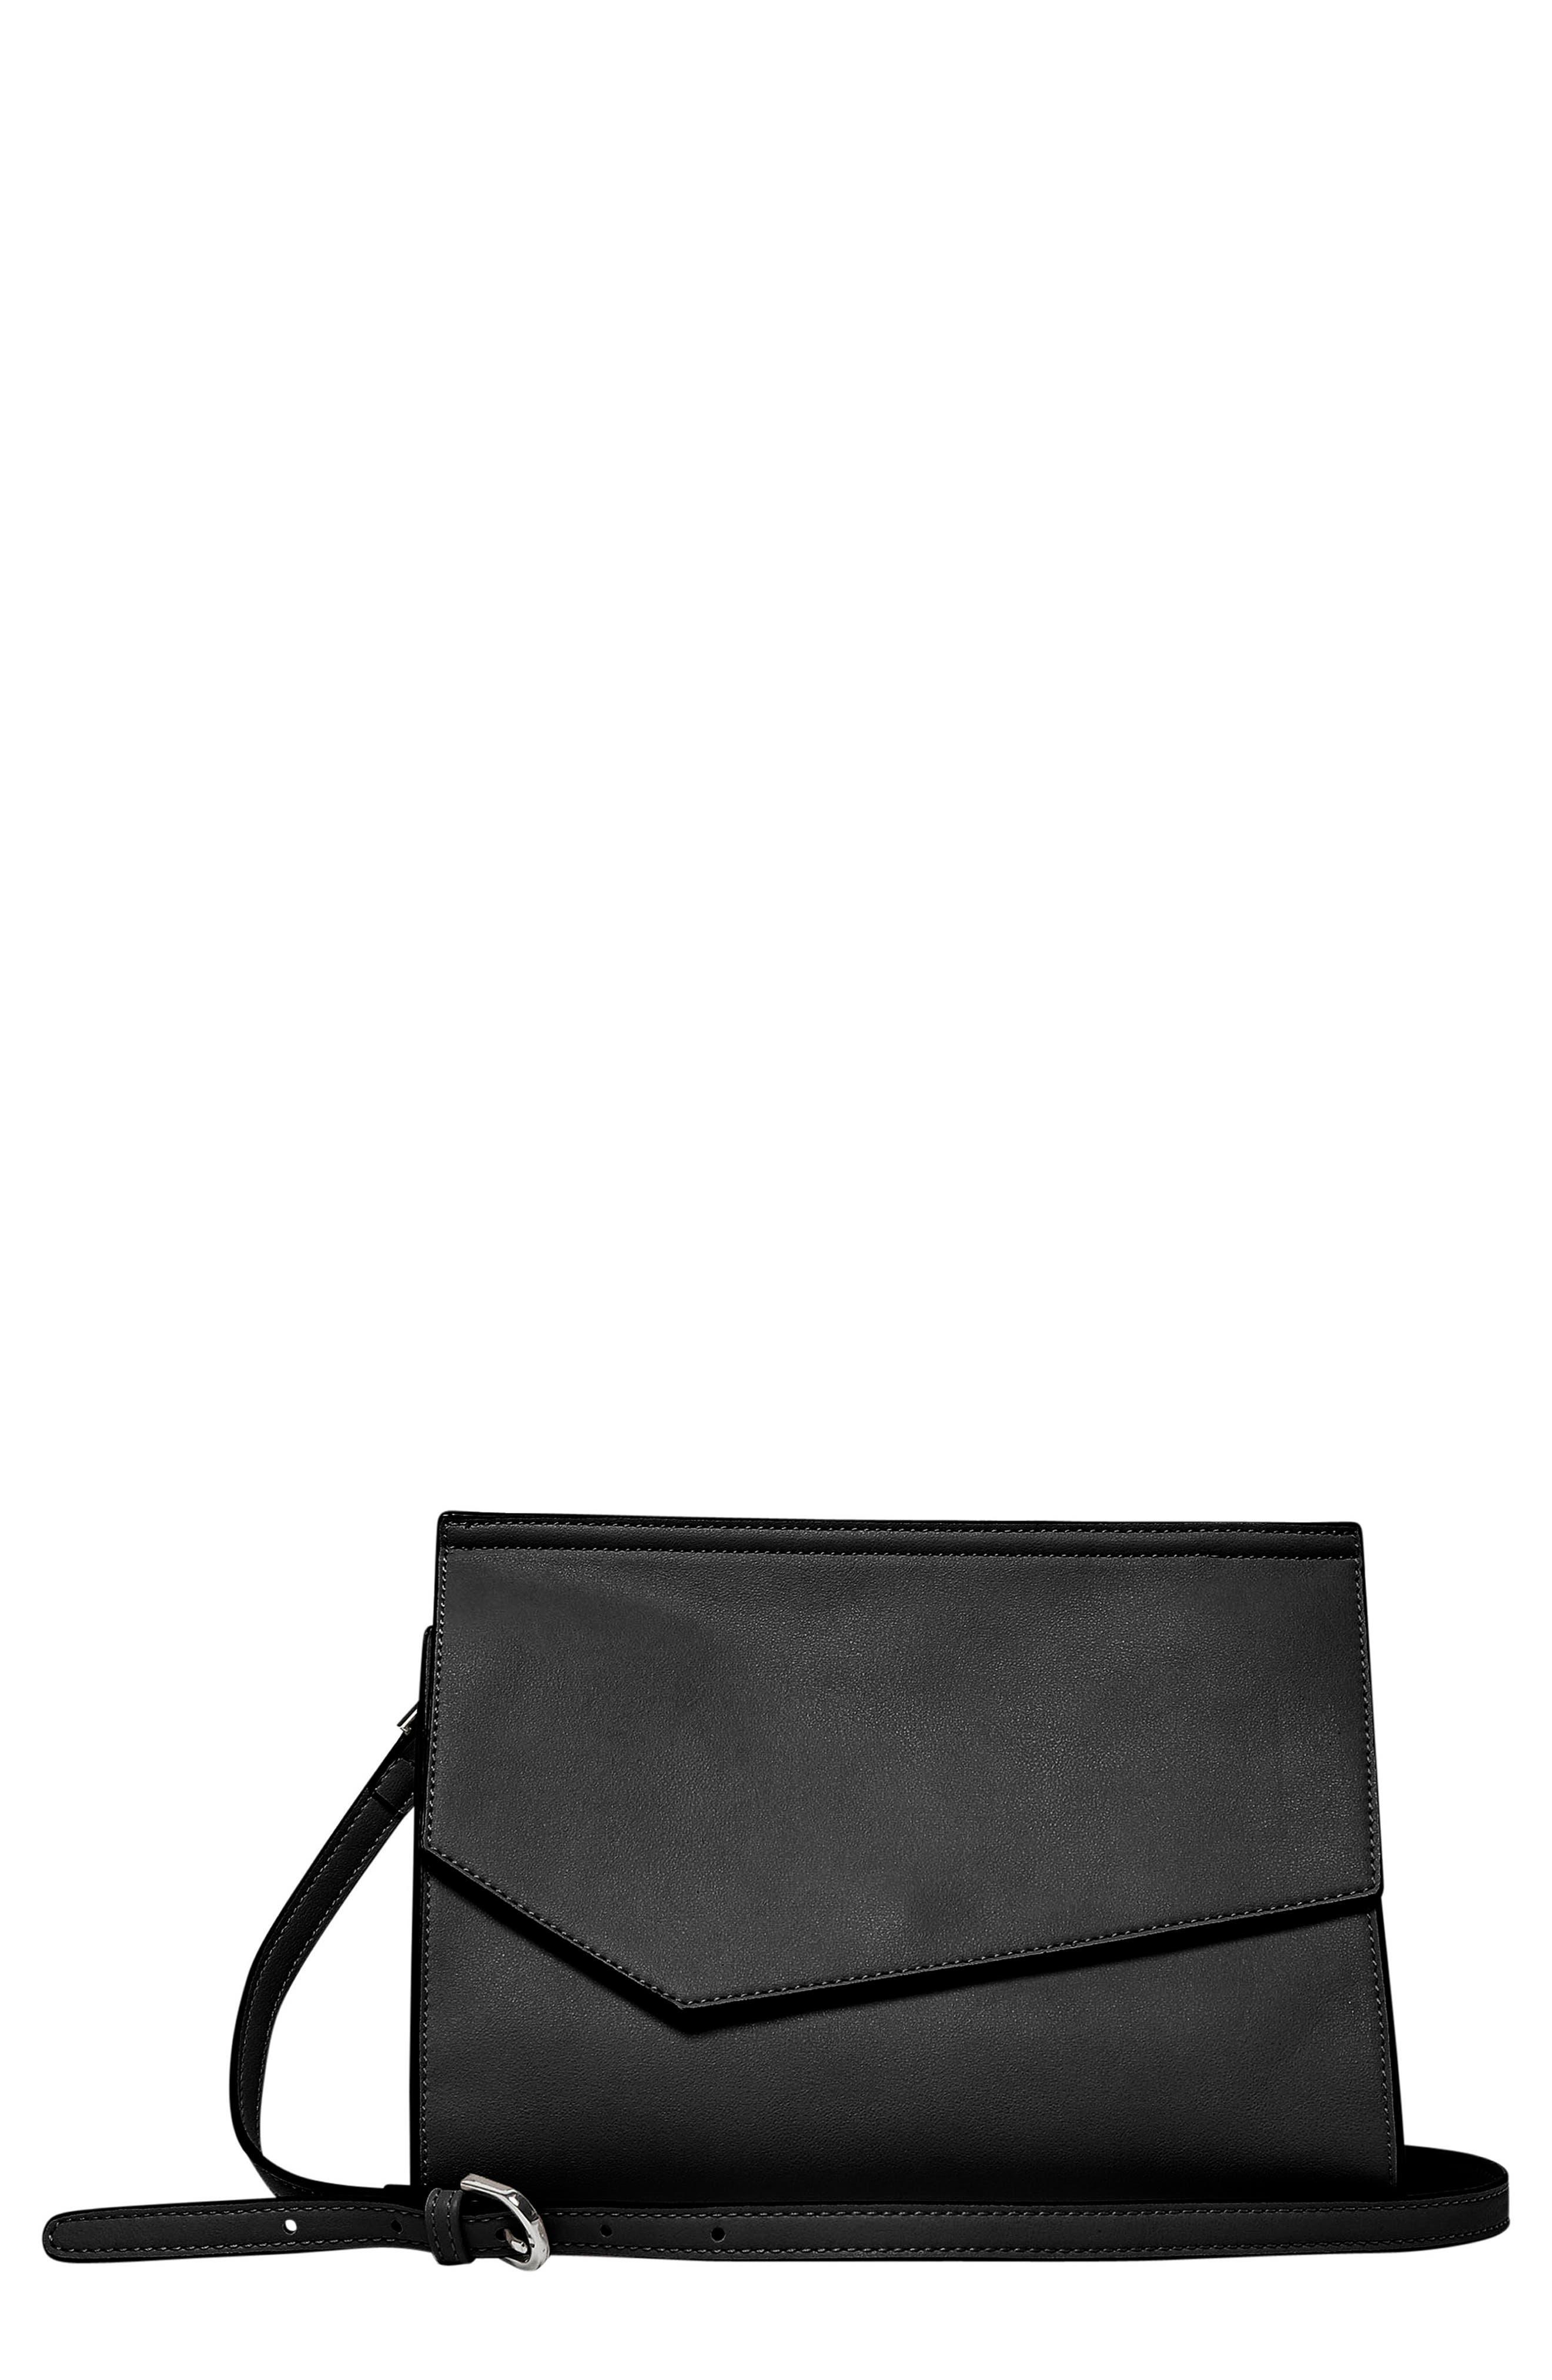 Shimmer Vegan Leather Shoulder Bag,                             Main thumbnail 1, color,                             Black